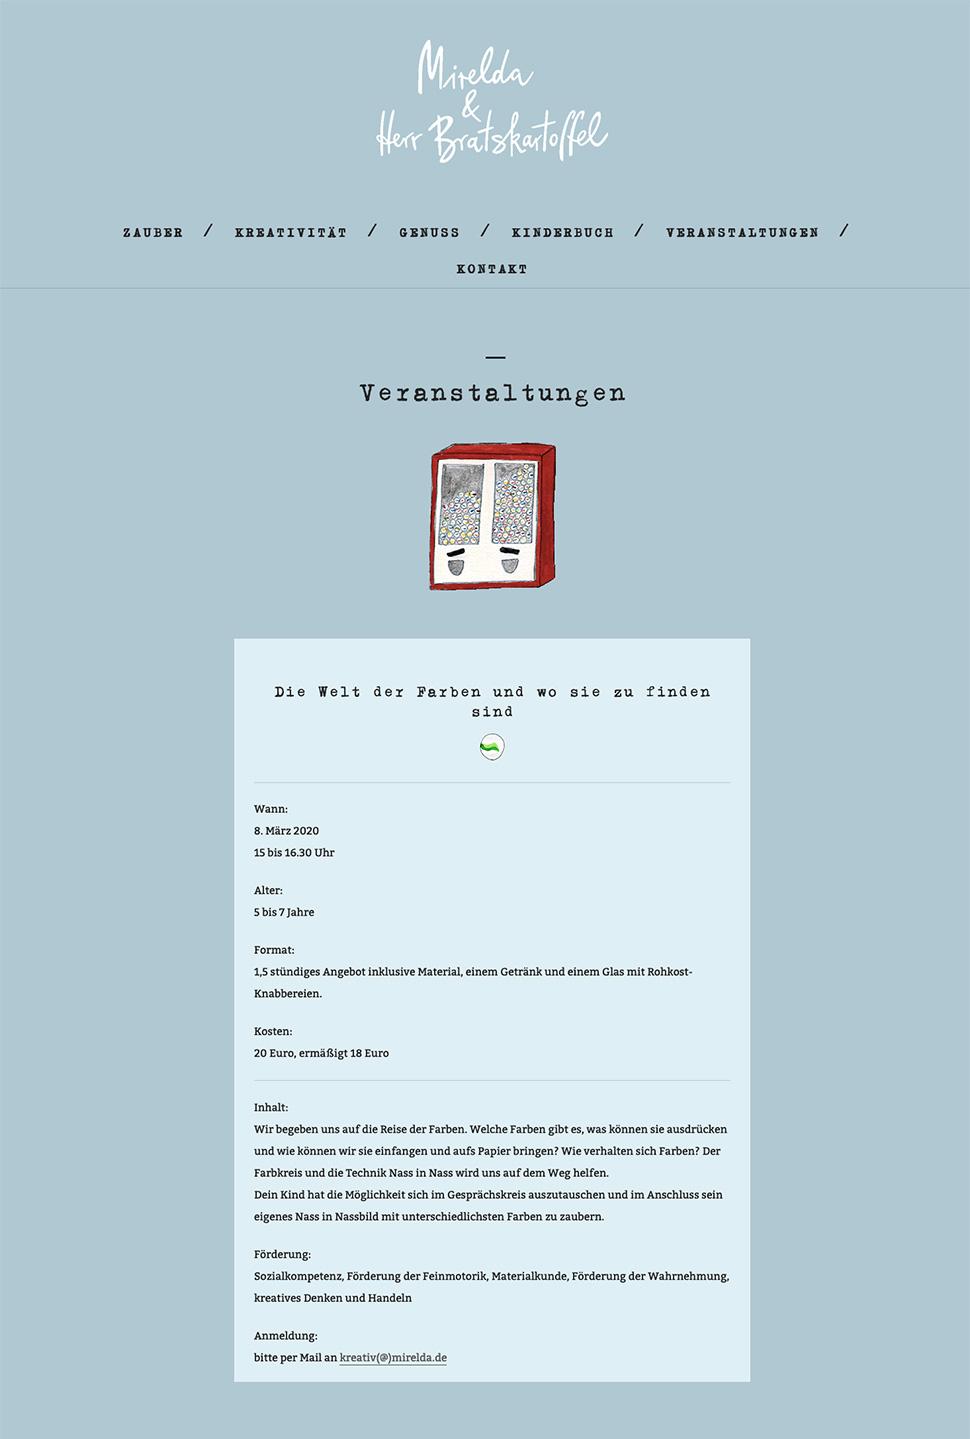 Mirelda Website Beispielseite »Veranstaltungen«